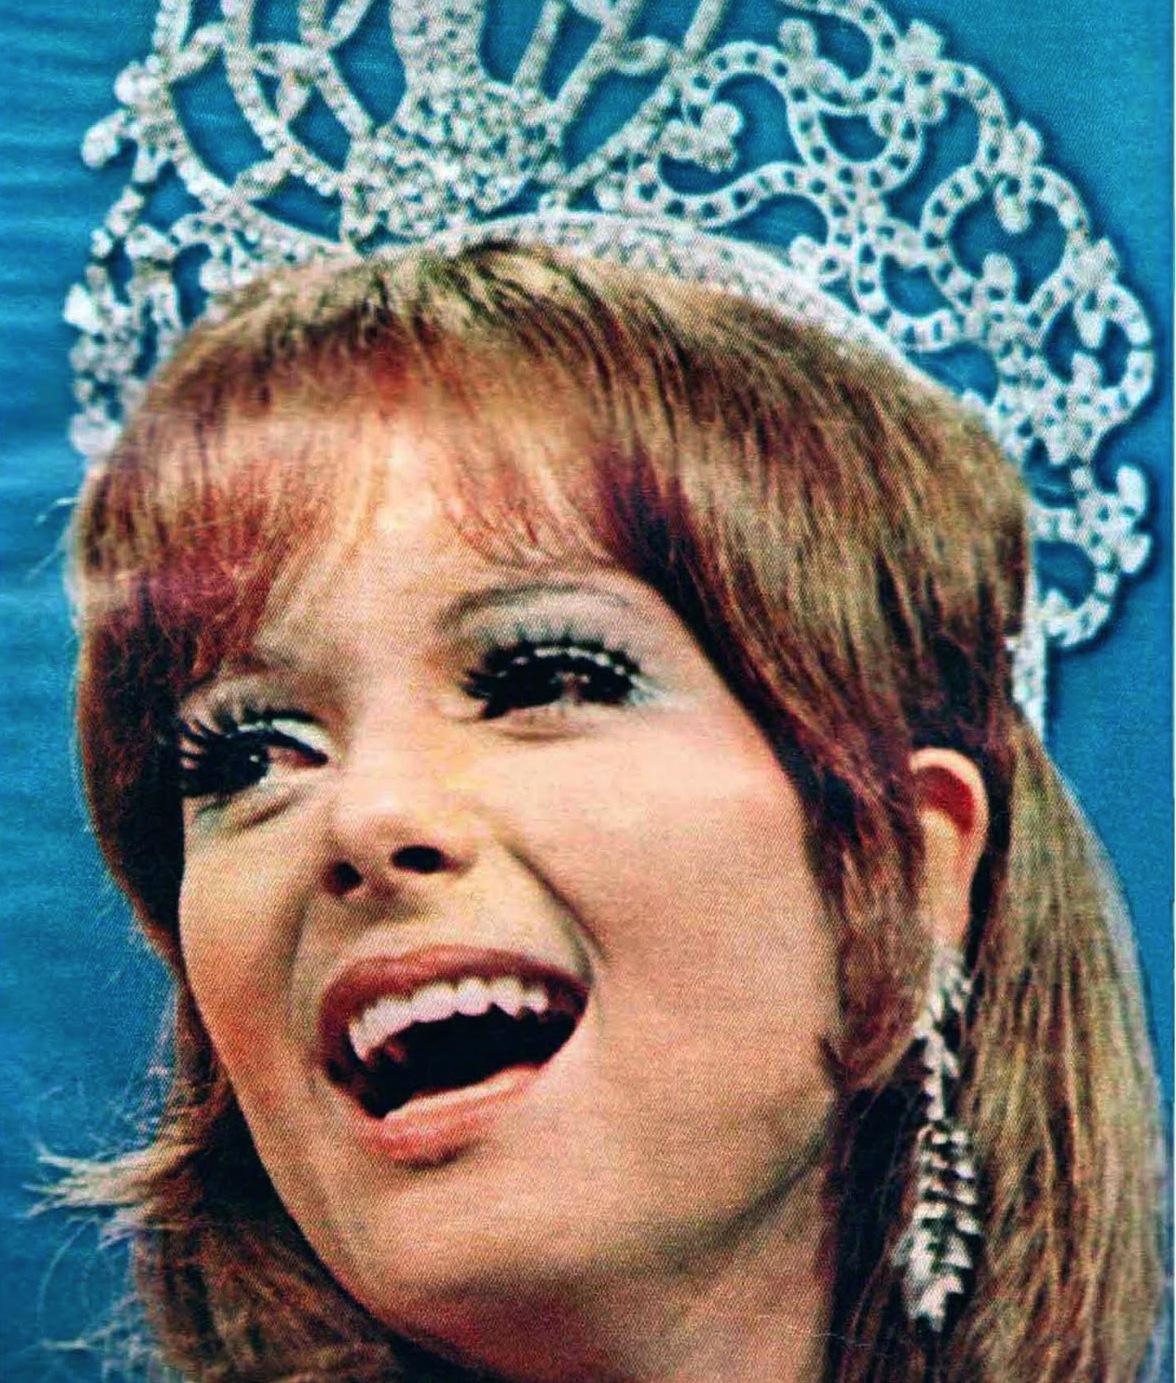 79d85fcc941243599737feeaddbd2660-1 Ednita Nazario y Miss Universo 1970 reciben nuevas estrellas de paseo famoso